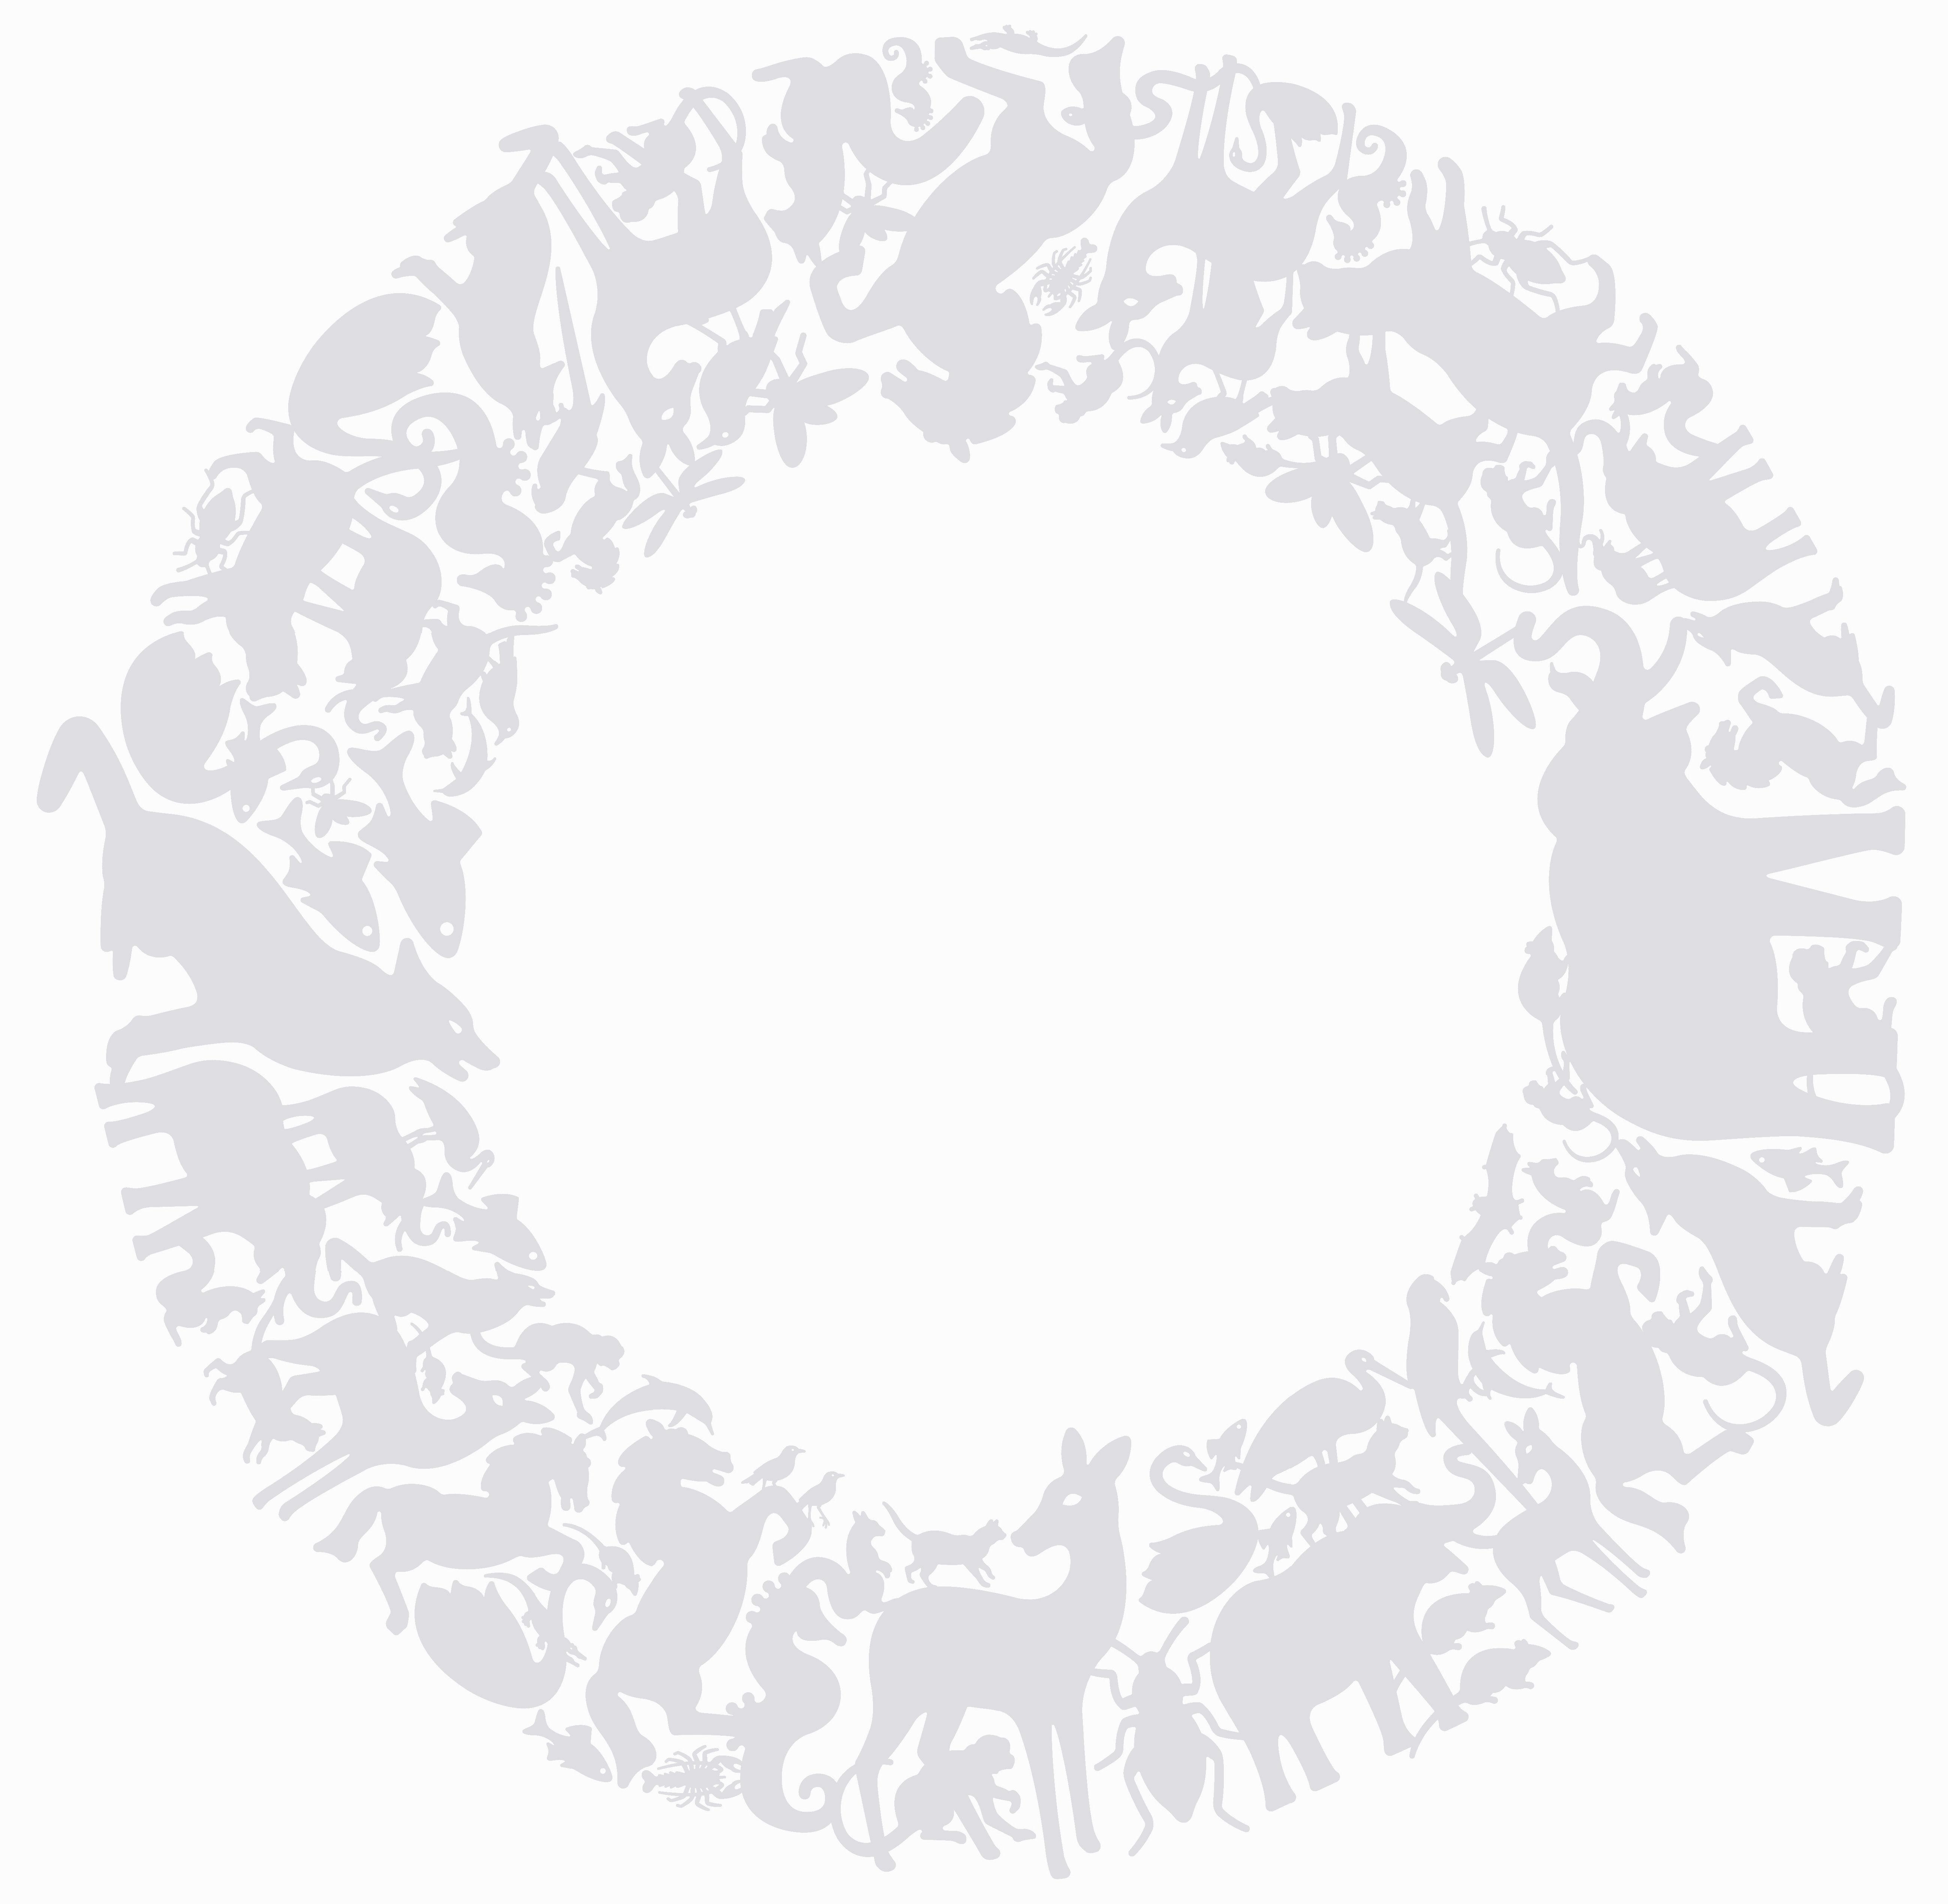 Déco - Stickers, papiers peints & posters - Sticker Panthéon Circle - Domestic - Gris - Vinyle